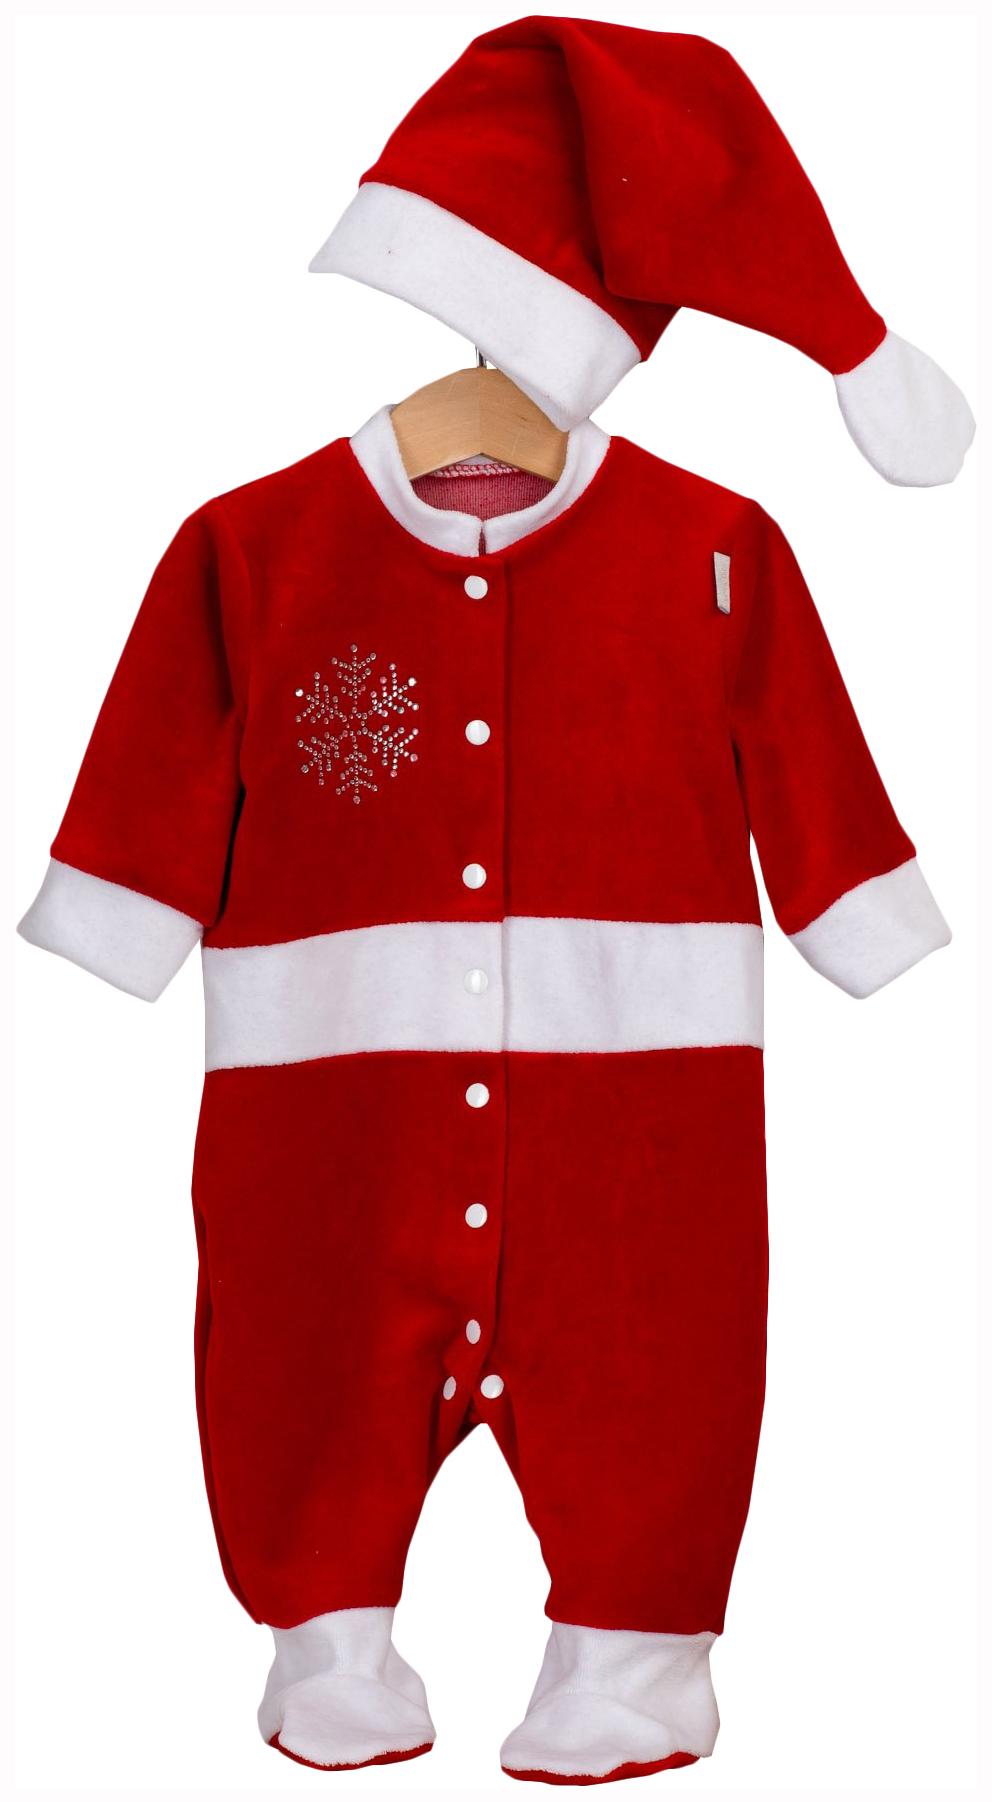 Купить Комплект Дед Мороз , коллекция Новогодняя , цвет: красный, декор: стразы, рост 62-68 см, Трия, Комплекты для новорожденных